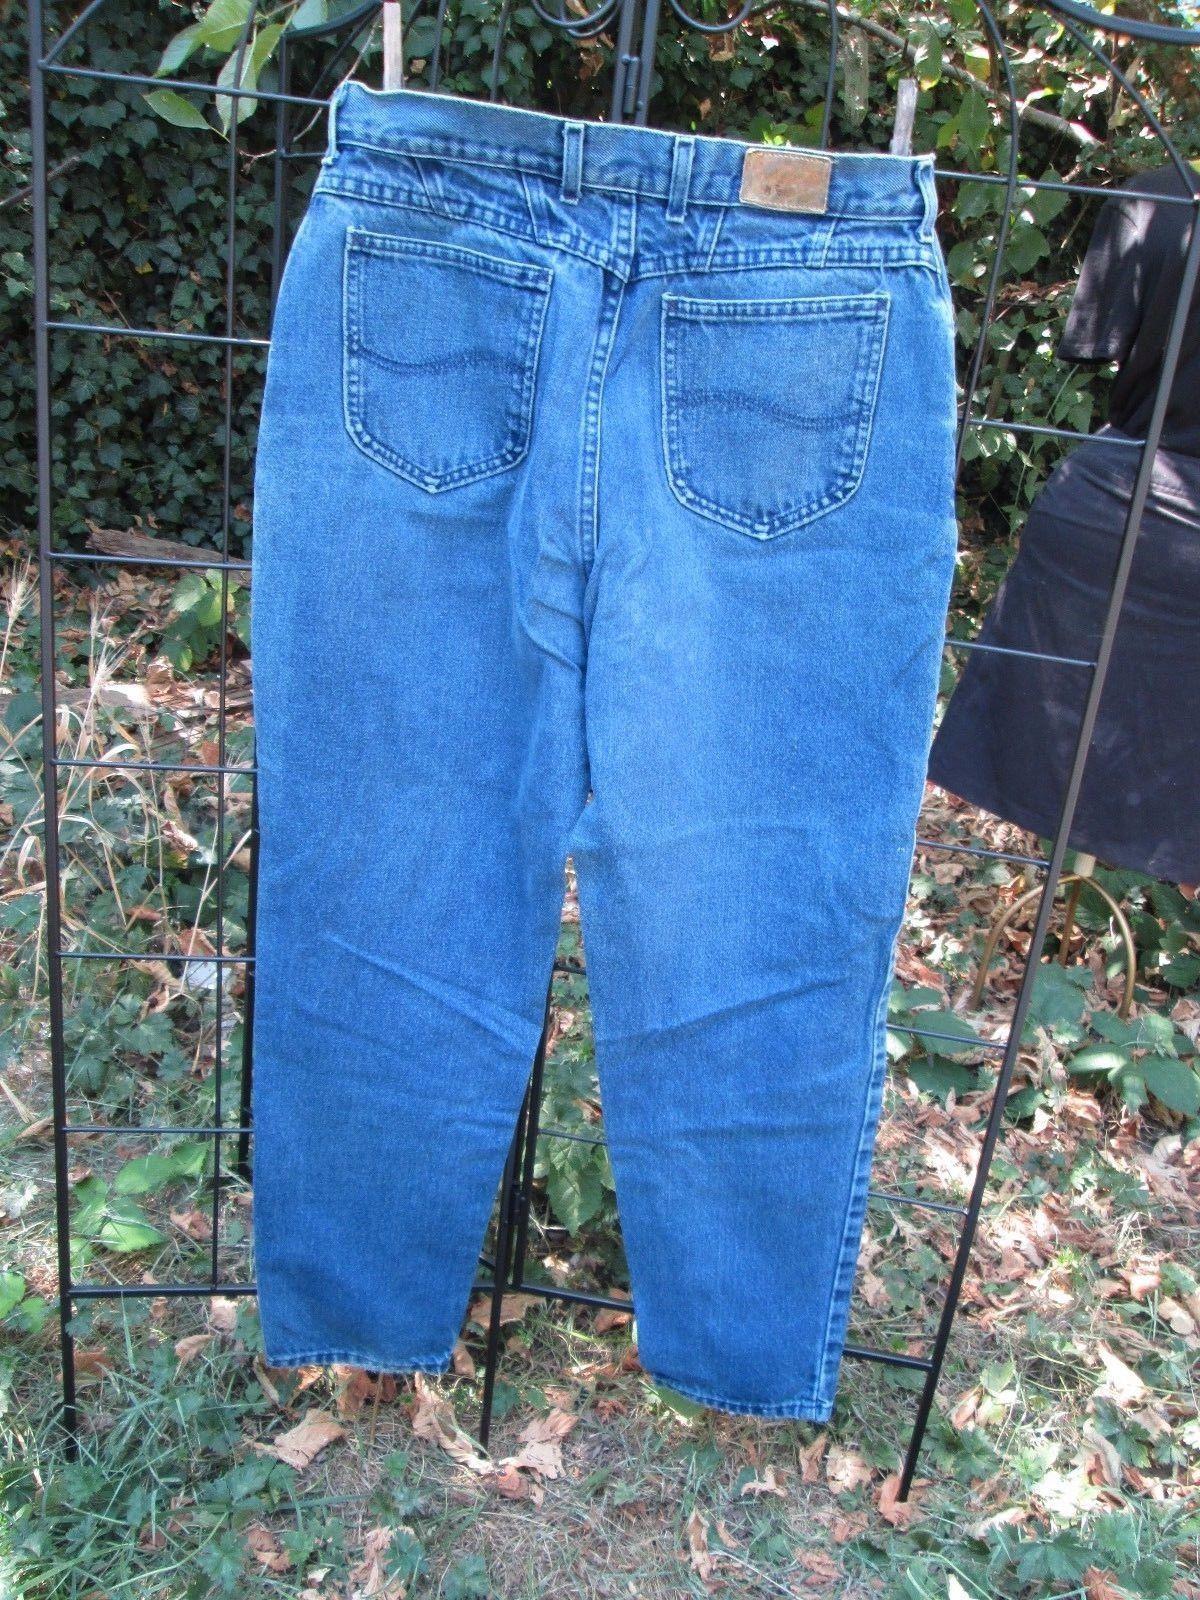 Lee 1889 jeans size 14 Med MIUSA